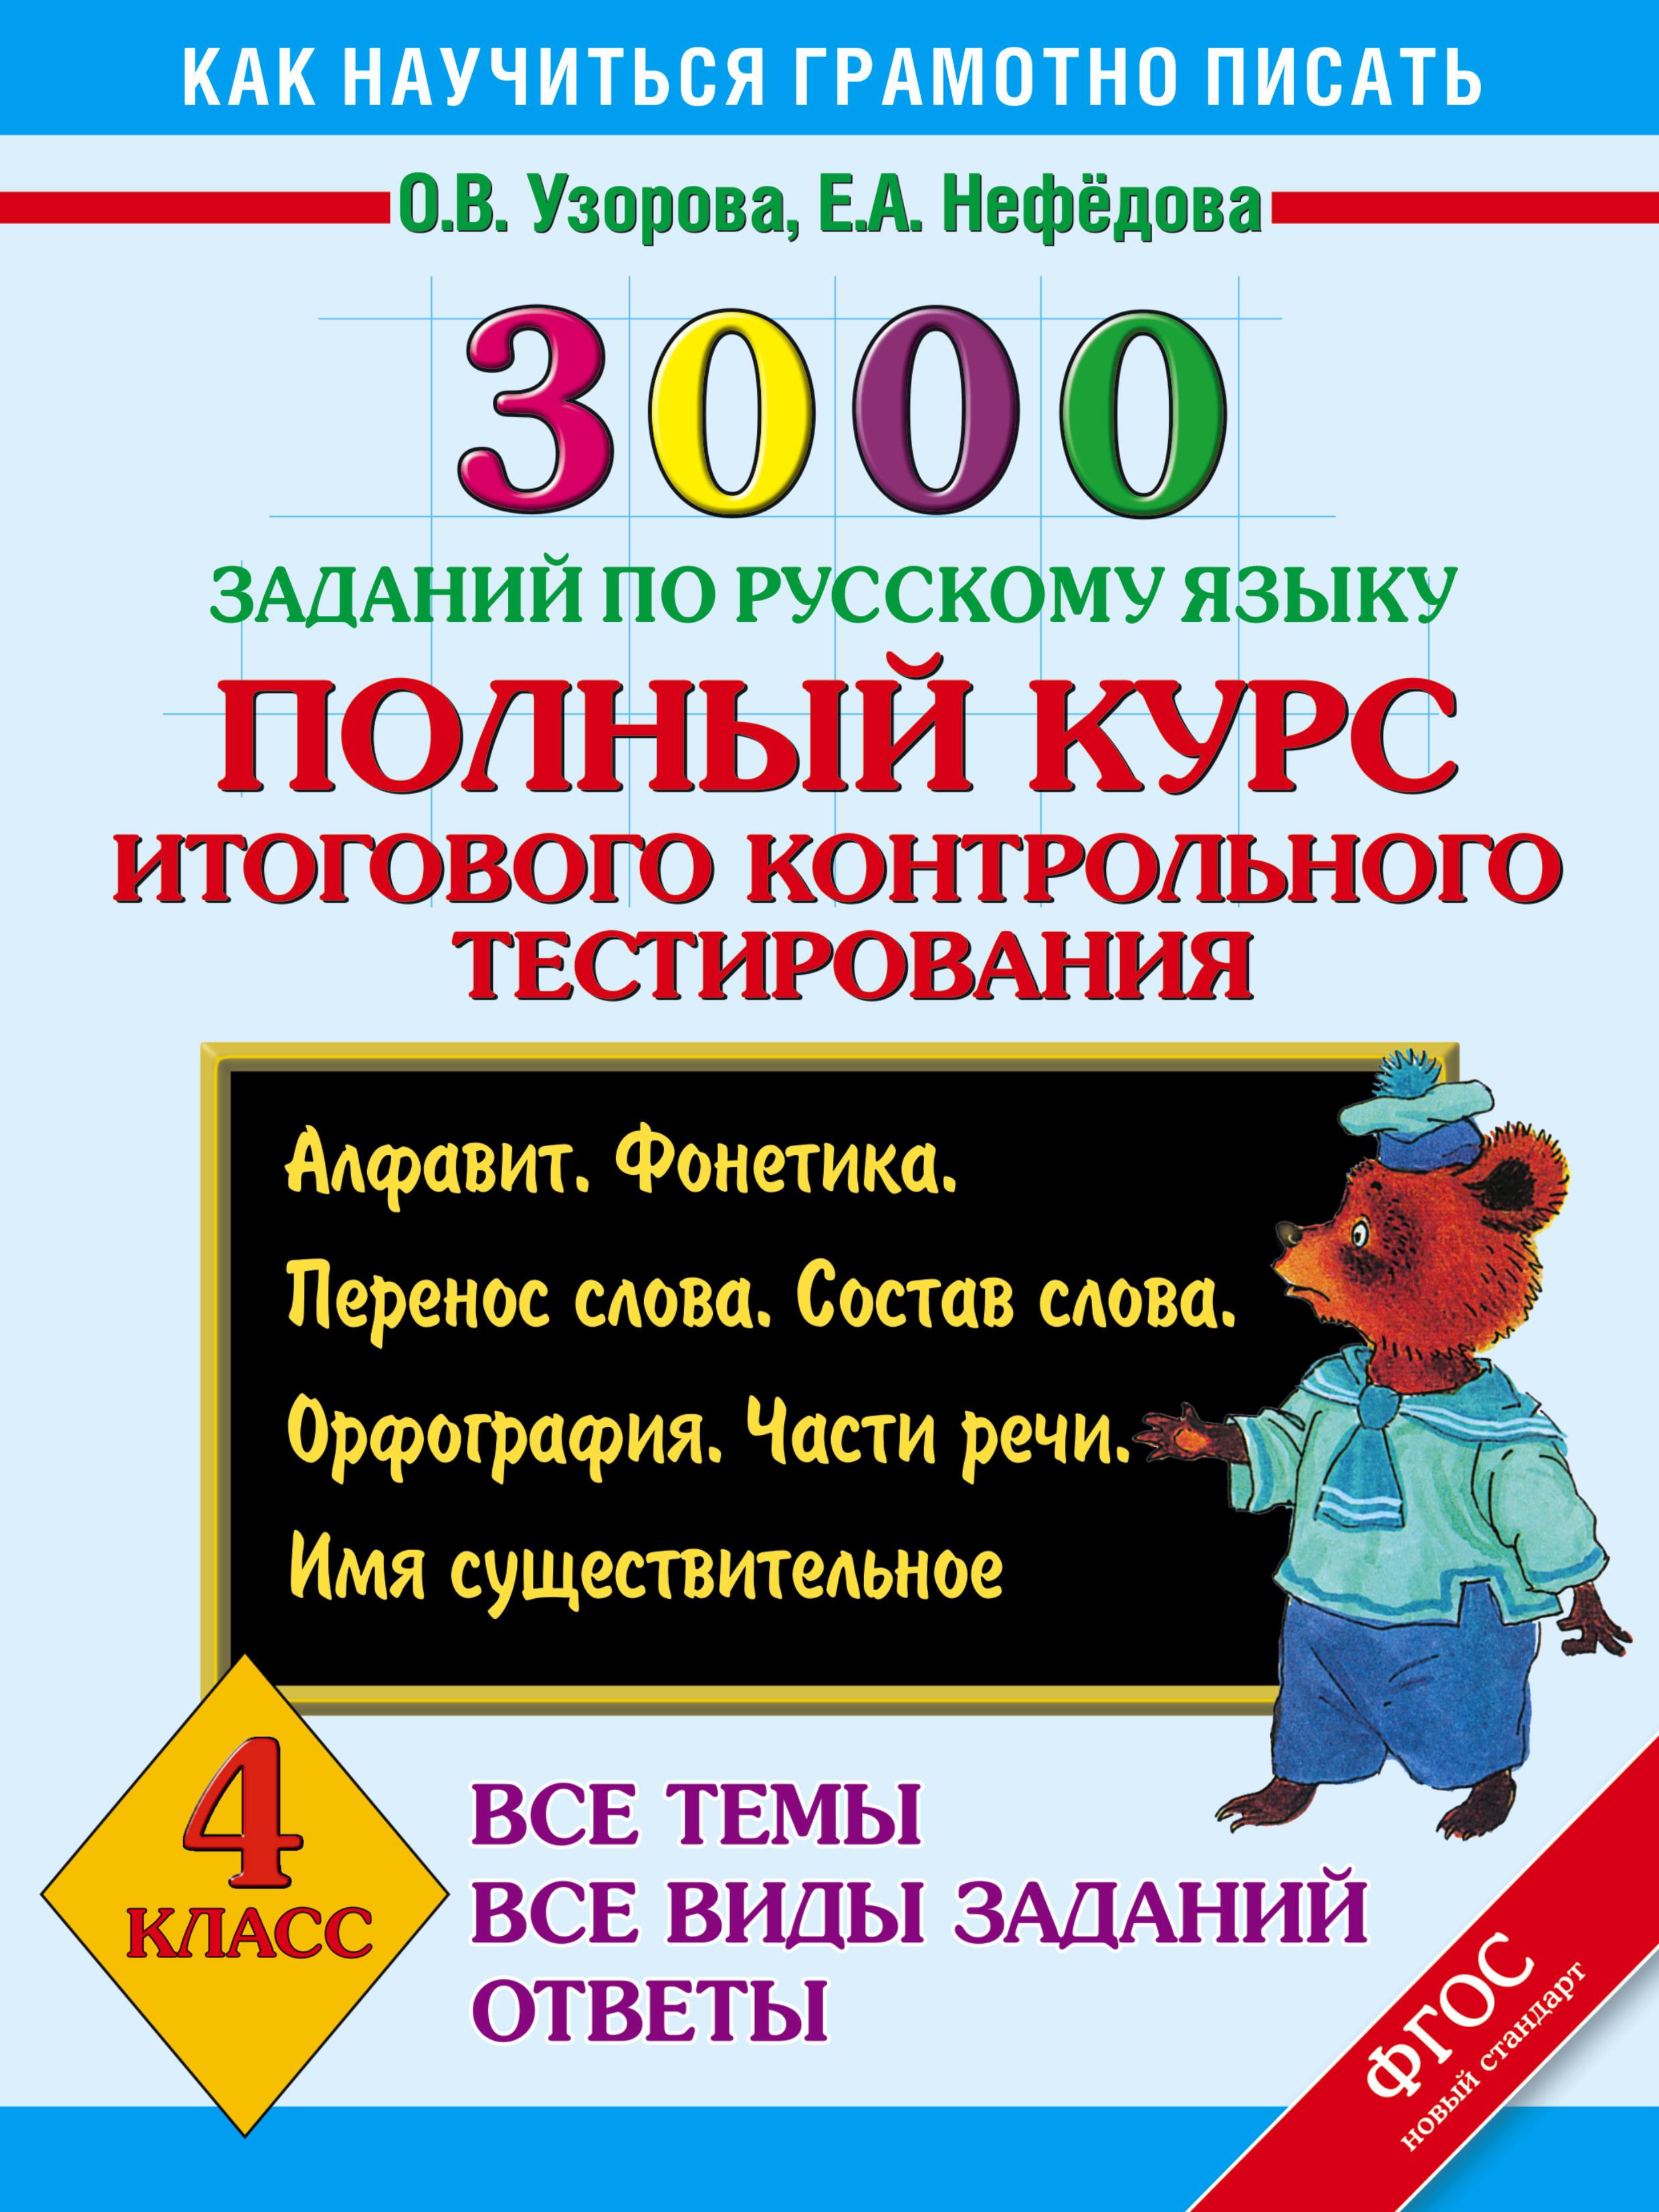 О. В. Узорова, Е. А. Нефедова 3000 заданий по русскому языку. Полный курс итогового контрольного тестирования. Все темы. Все виды заданий. Ответы. 4 класс